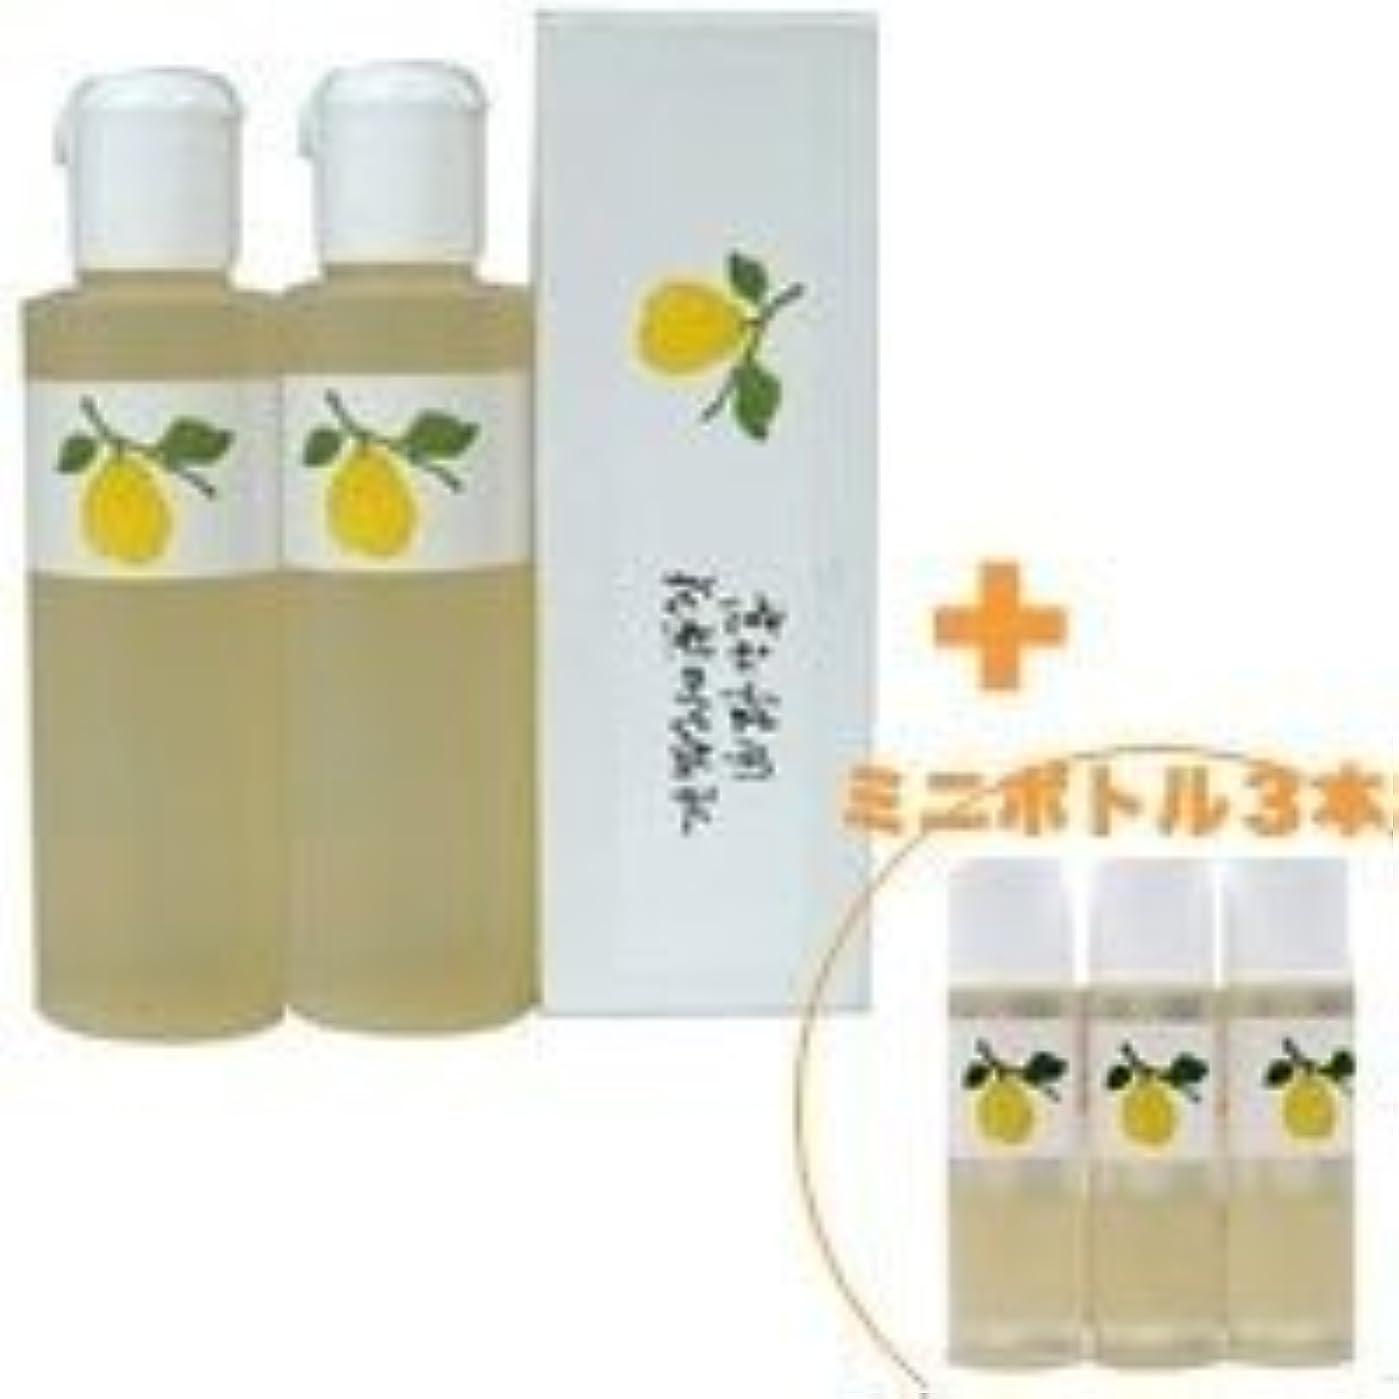 鬼ごっこエコー綺麗な花梨の化粧水 200ml 2本&ミニボトル 3本 美容液 栄養クリームのいらないお肌へ 保湿と乾燥対策に